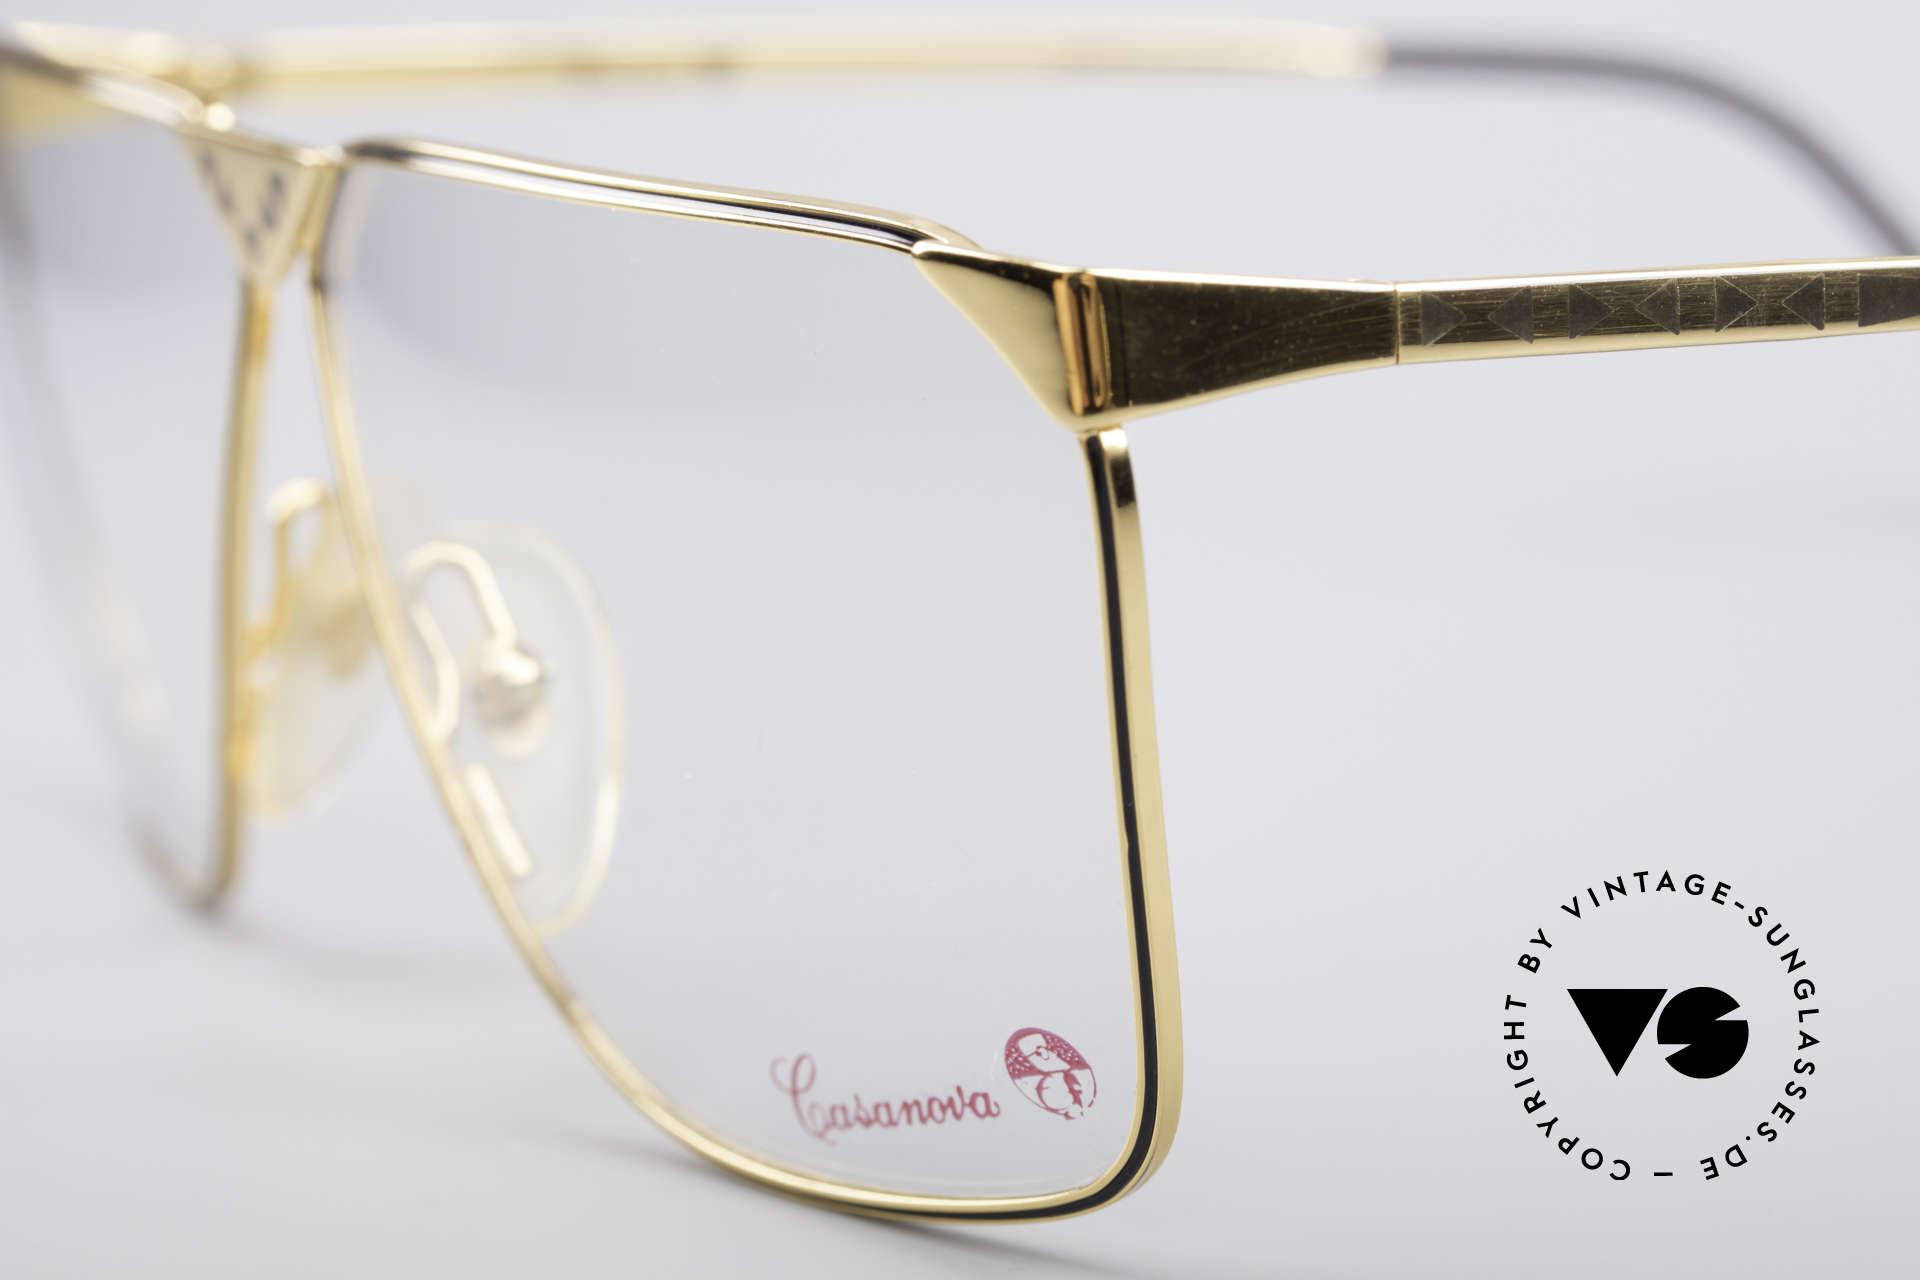 Casanova NM9 No Retro 80's Vintage Glasses, limited-lot 1980's production (rare, costly, precious), Made for Men